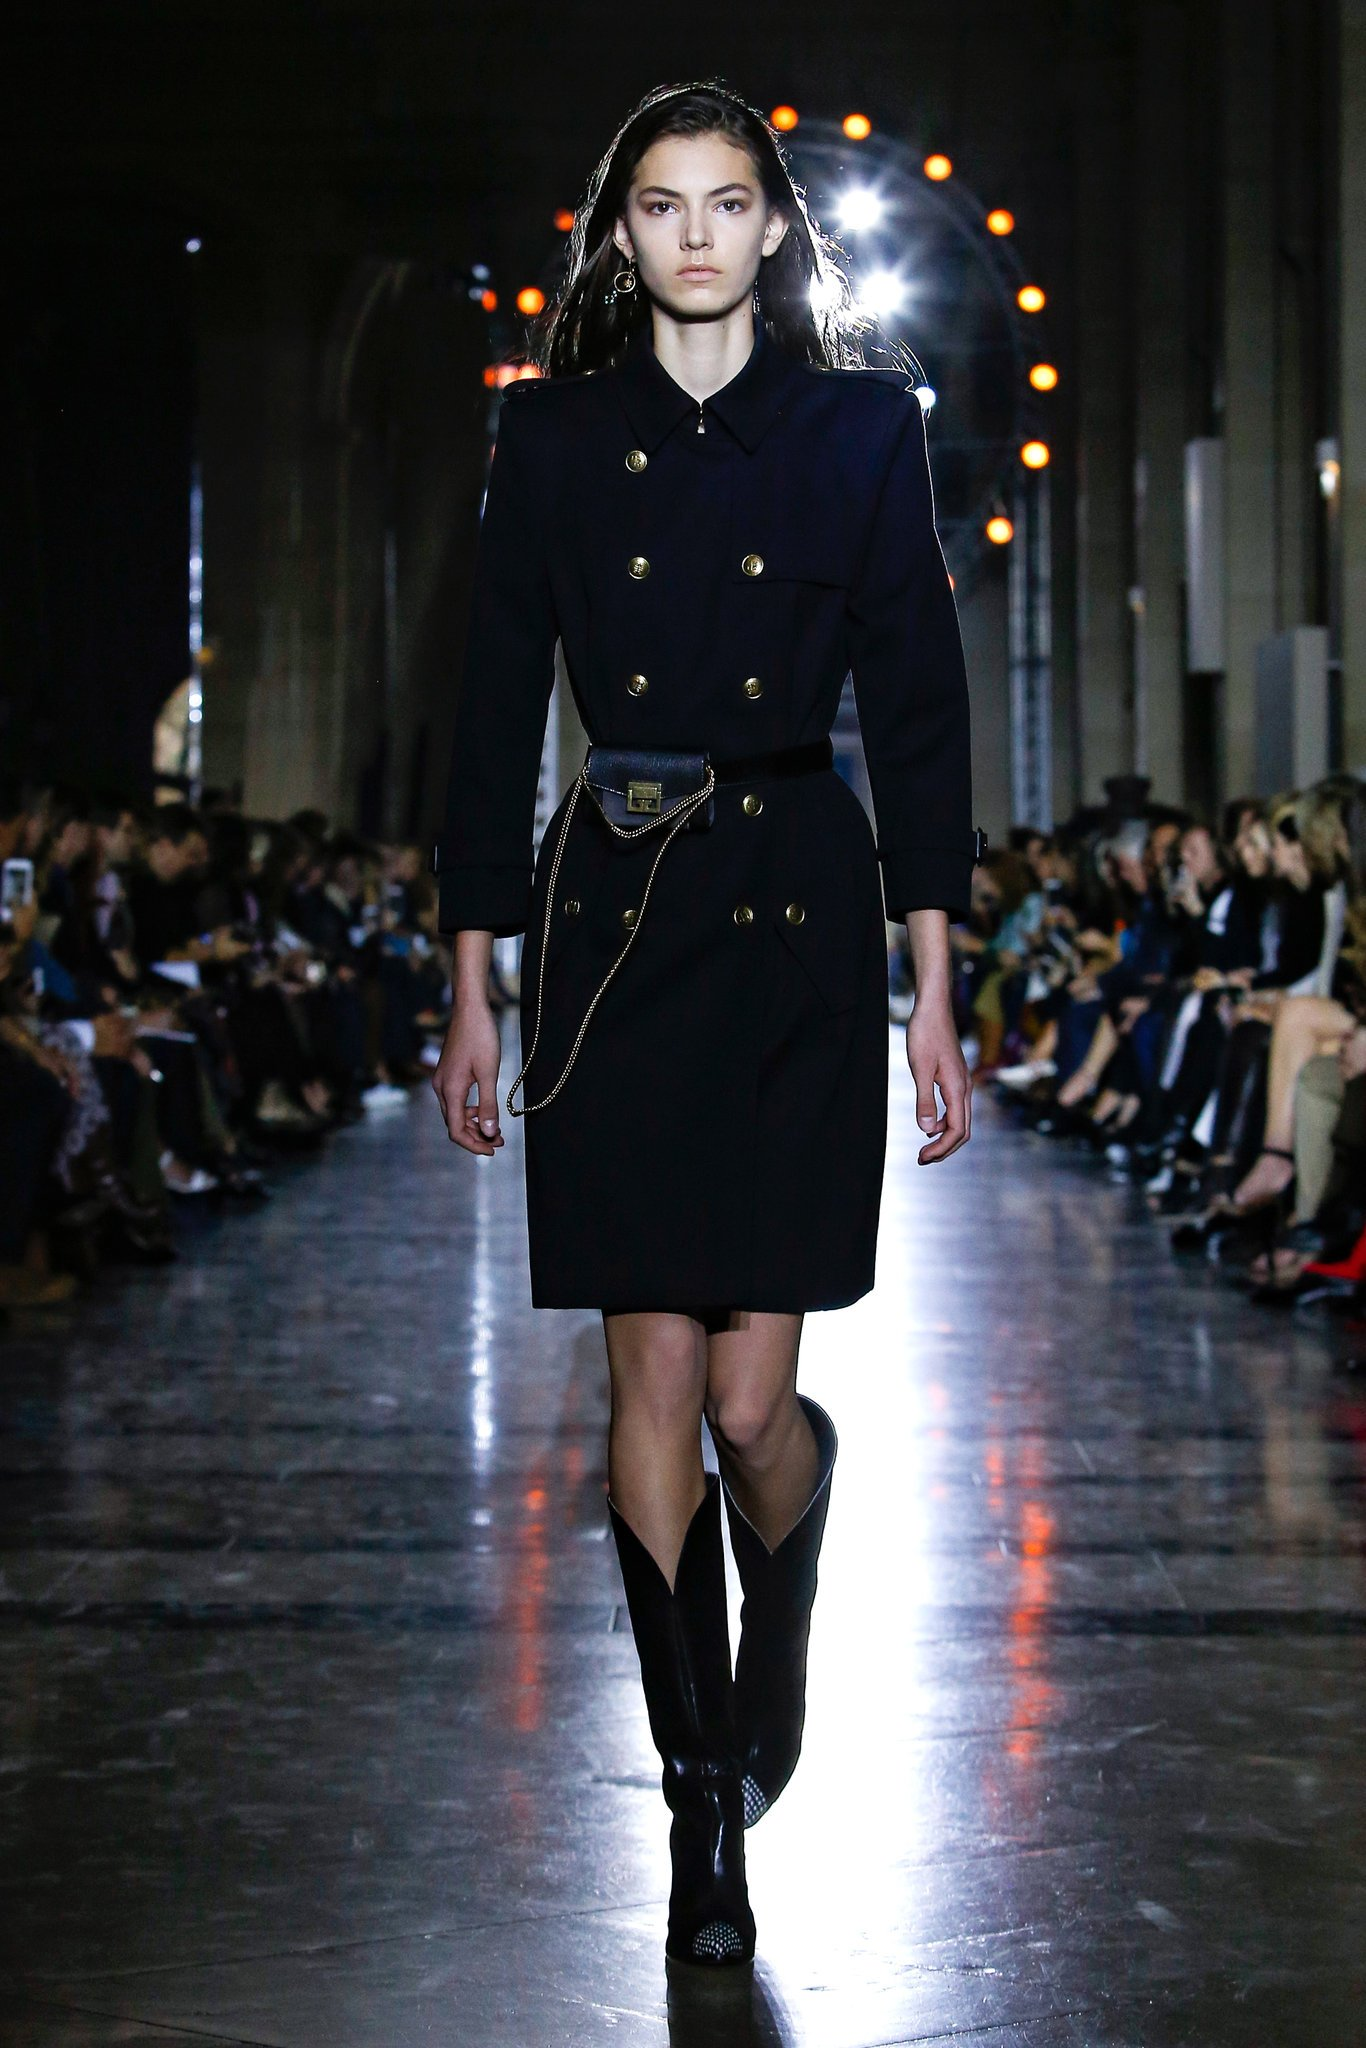 Mode Fasion Show vêtement printemps design trench couleurs manteau